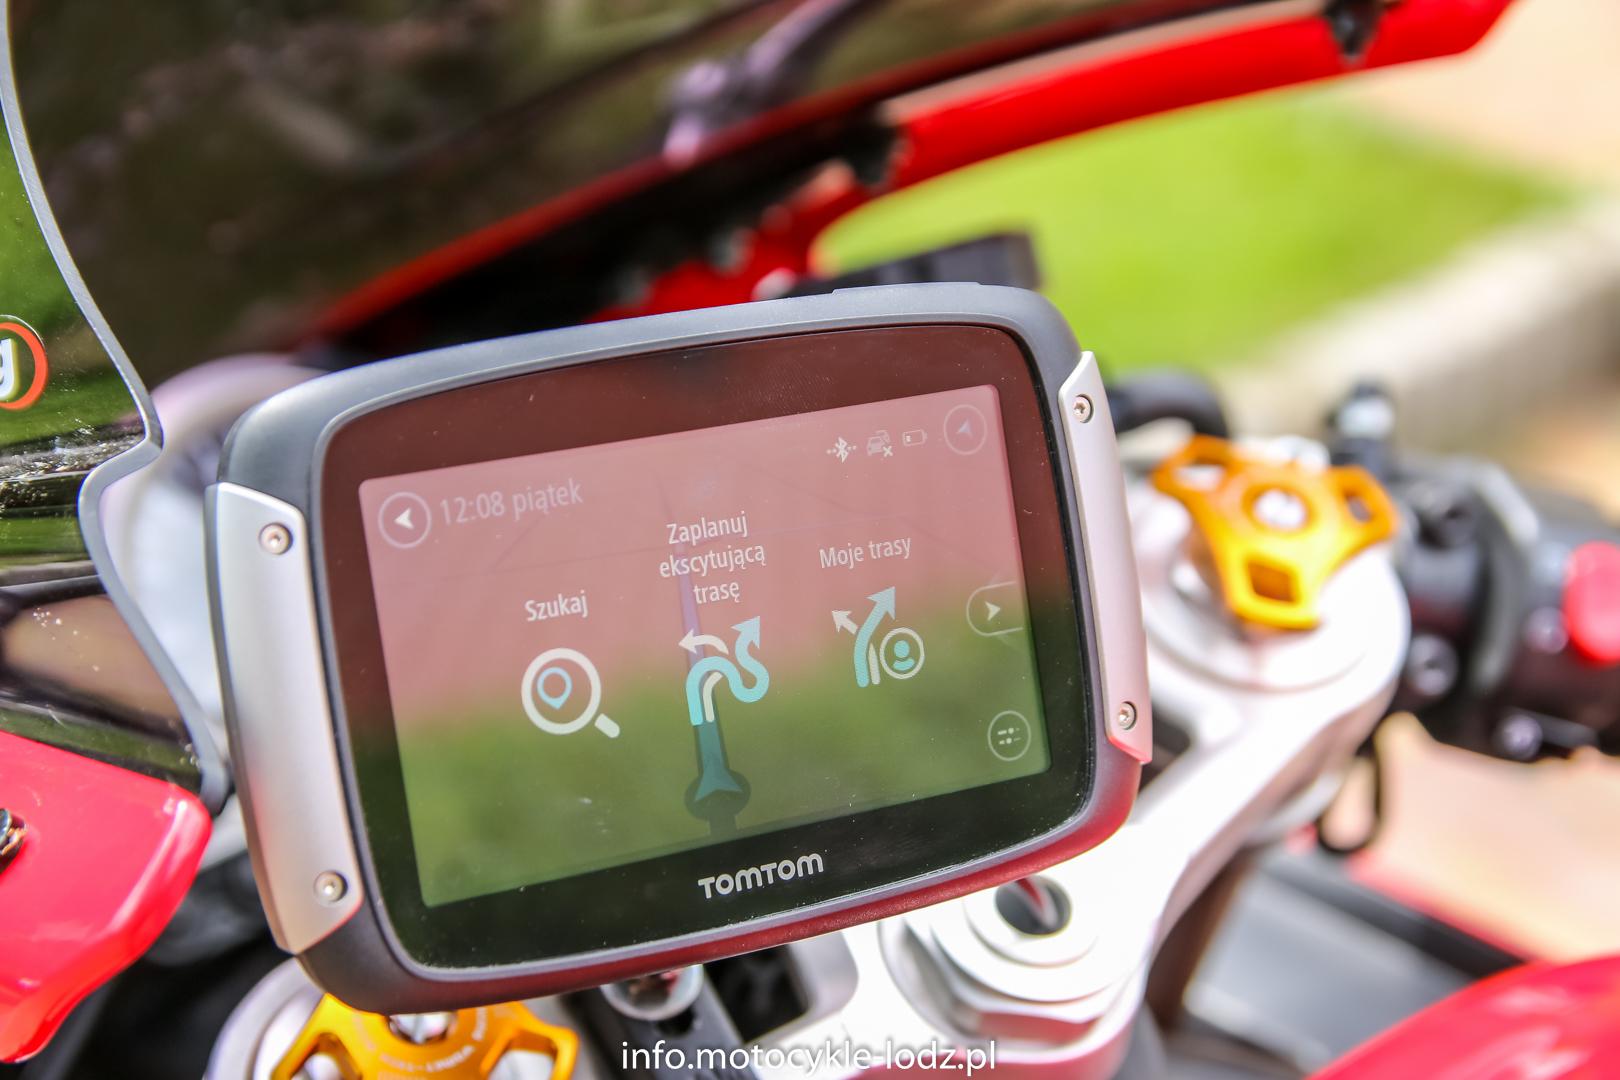 flm_1444823050__tom-tom-rider-2.jpg